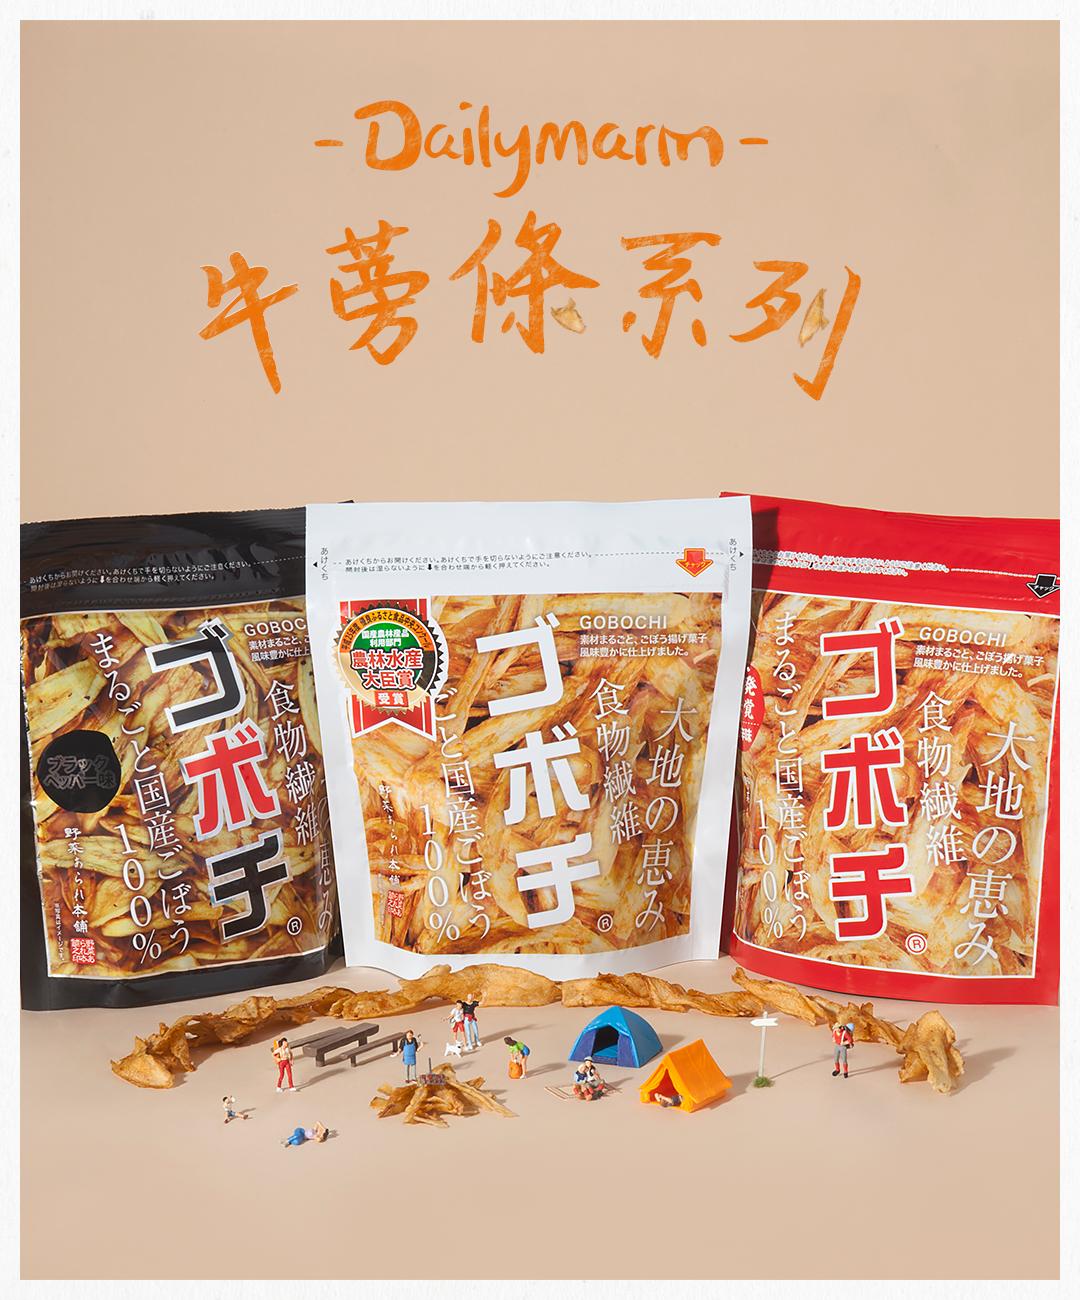 Dailymarm牛蒡條系列_v3.png